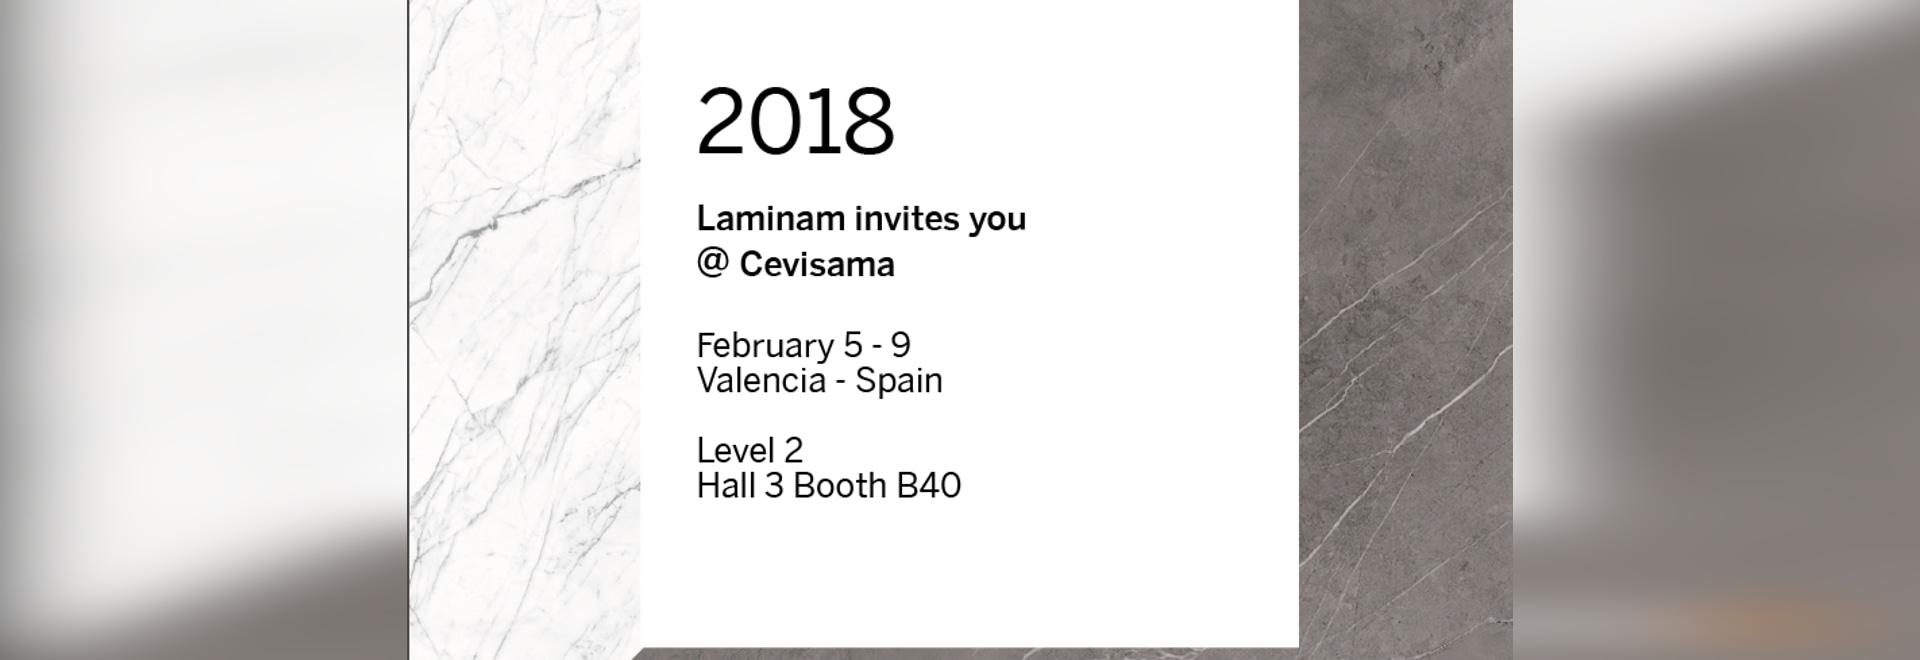 Laminam takes part to Cevisama